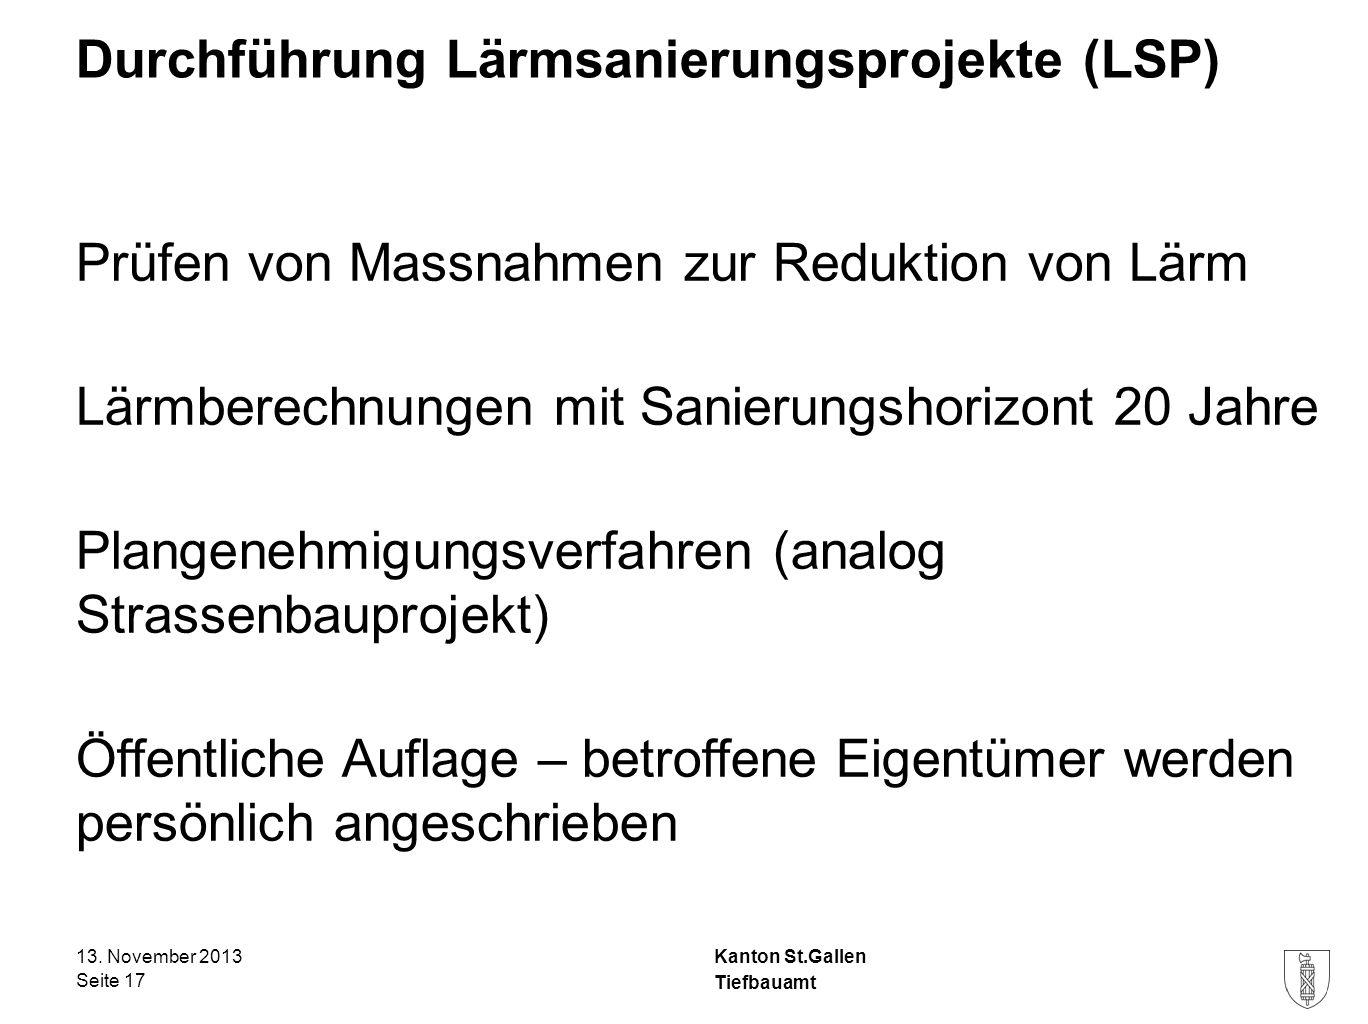 Kanton St.Gallen Durchführung Lärmsanierungsprojekte (LSP) Prüfen von Massnahmen zur Reduktion von Lärm Lärmberechnungen mit Sanierungshorizont 20 Jah